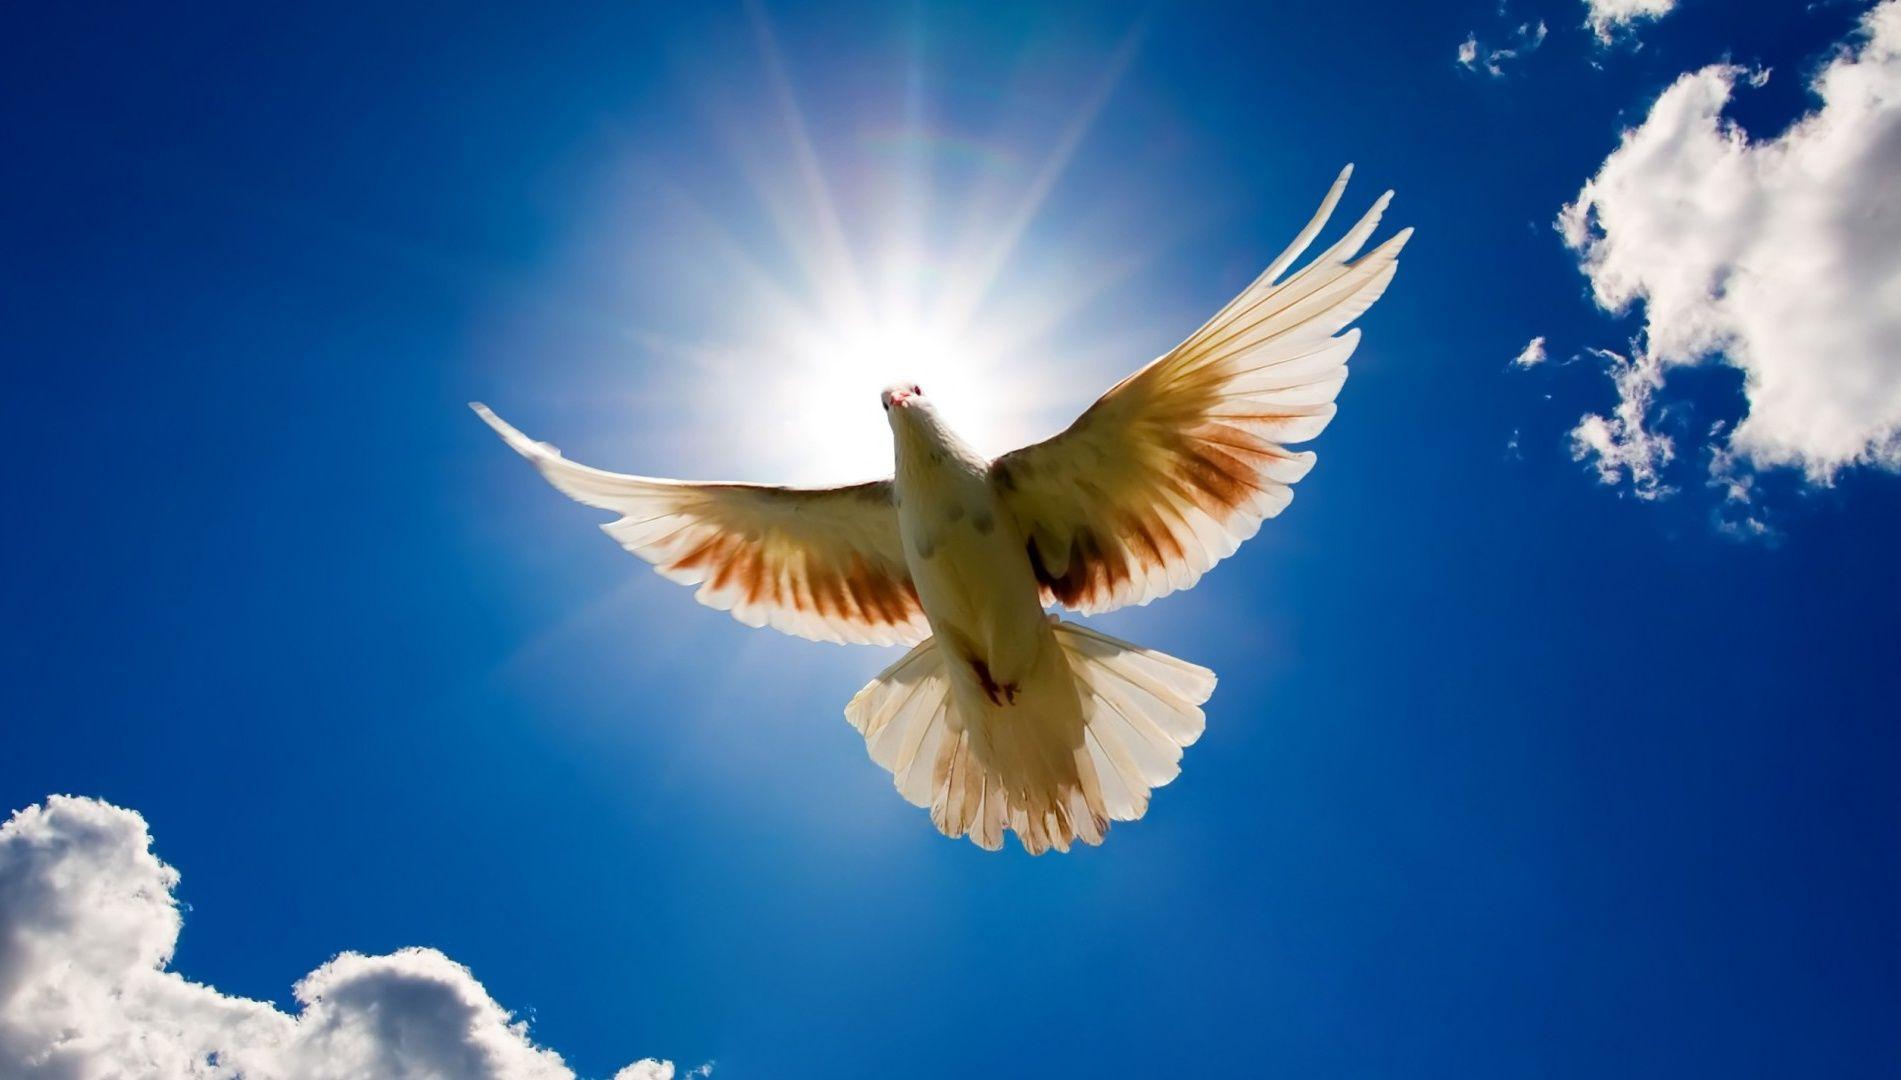 Dove Bird Sky